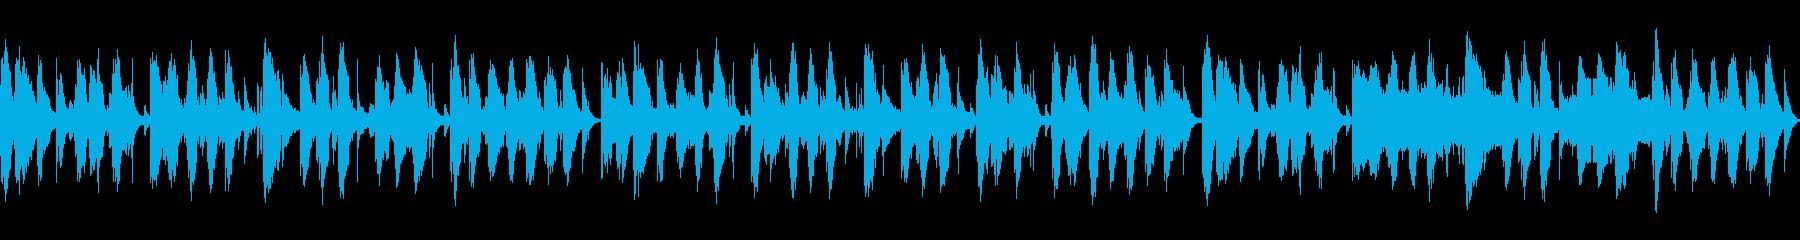 Cartoon 木琴 効果 クラリ...の再生済みの波形